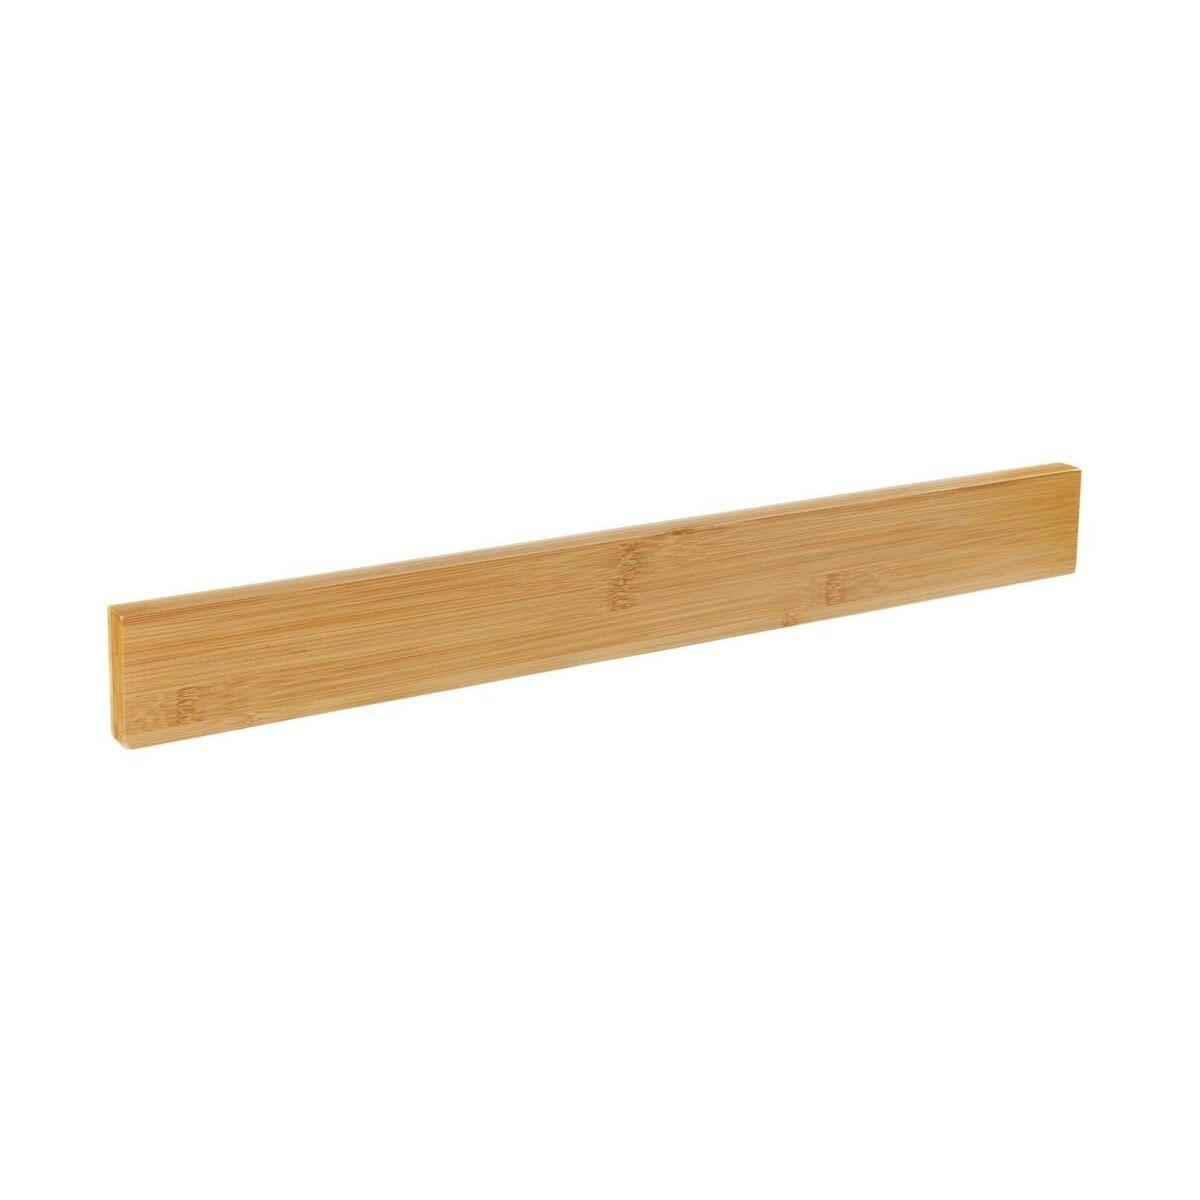 Uchwyt Magnetyczny Na Noze Bambus 20 Cm Lno 10 Wieszaki I Polki Kuchenne W Atrakcyjnej Cenie W Sklepach Leroy Merlin